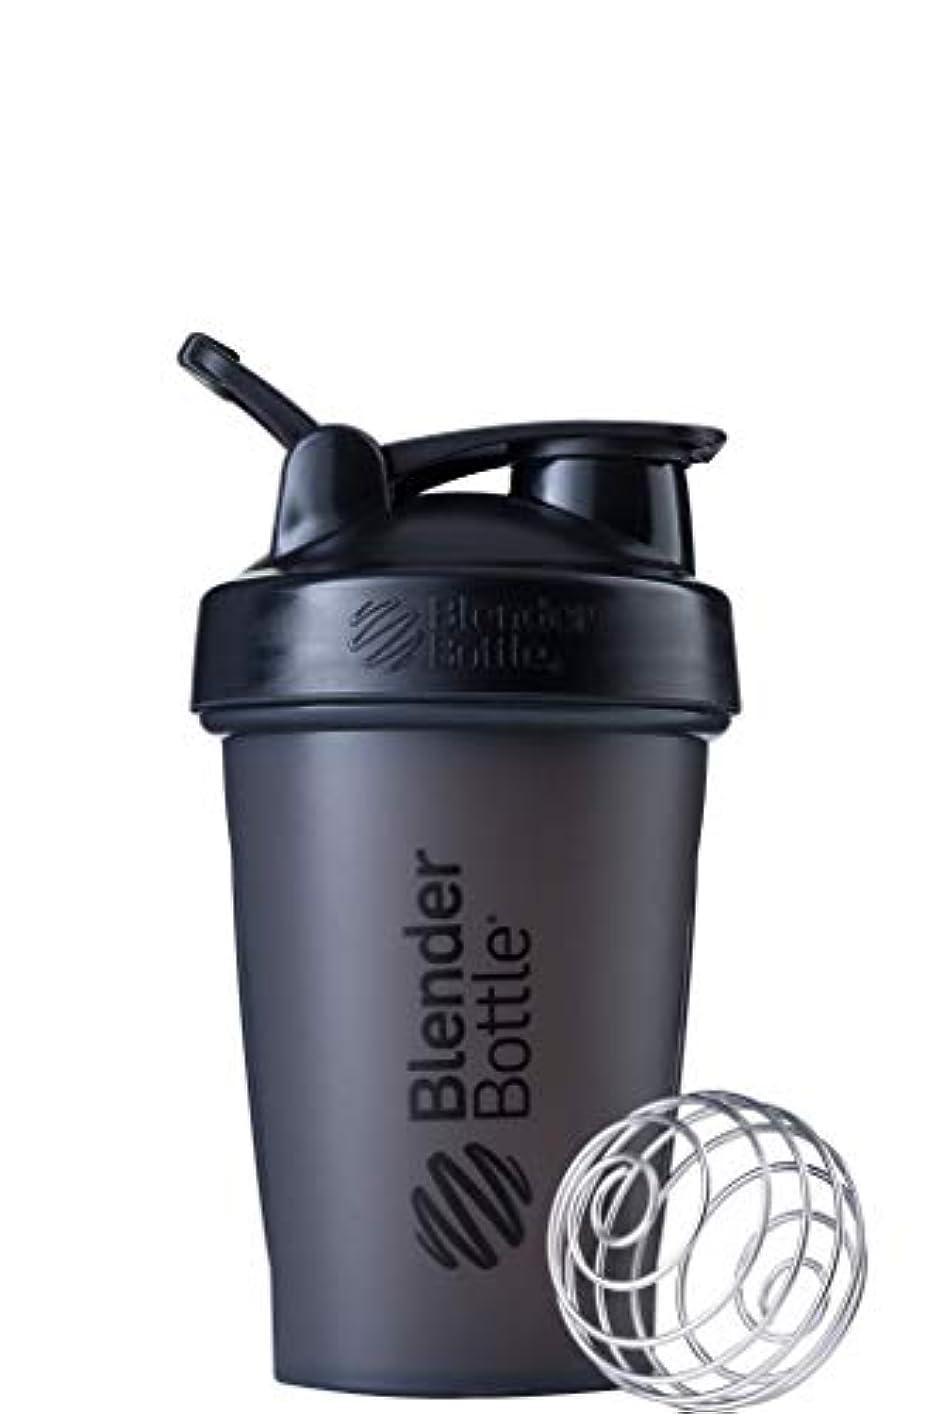 知り合い上流の隙間ブレンダーボトル 【日本正規品】 ミキサー シェーカー ボトル Classic 20オンス (600ml) ブラック BBCLE20 FCBK